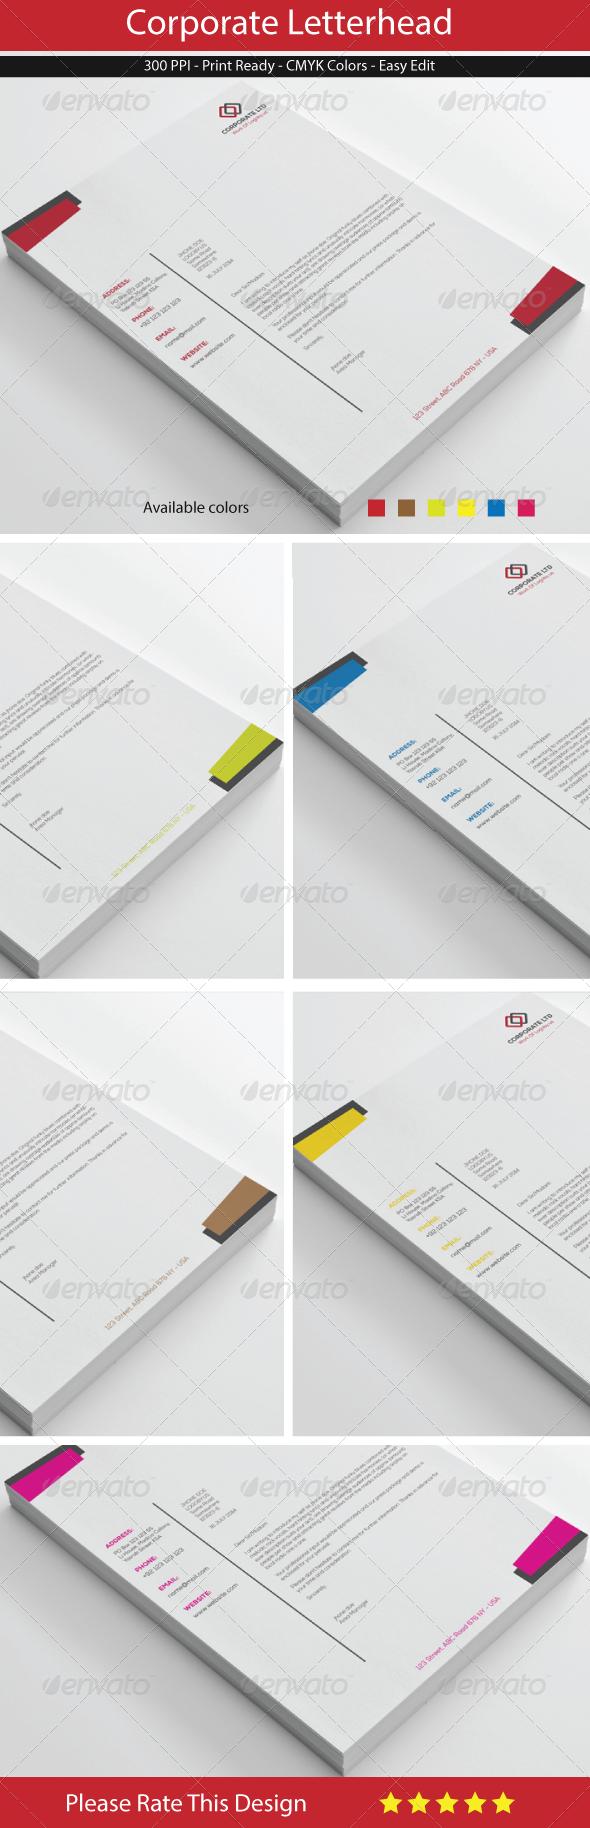 GraphicRiver Corporate Letterhead 8387094